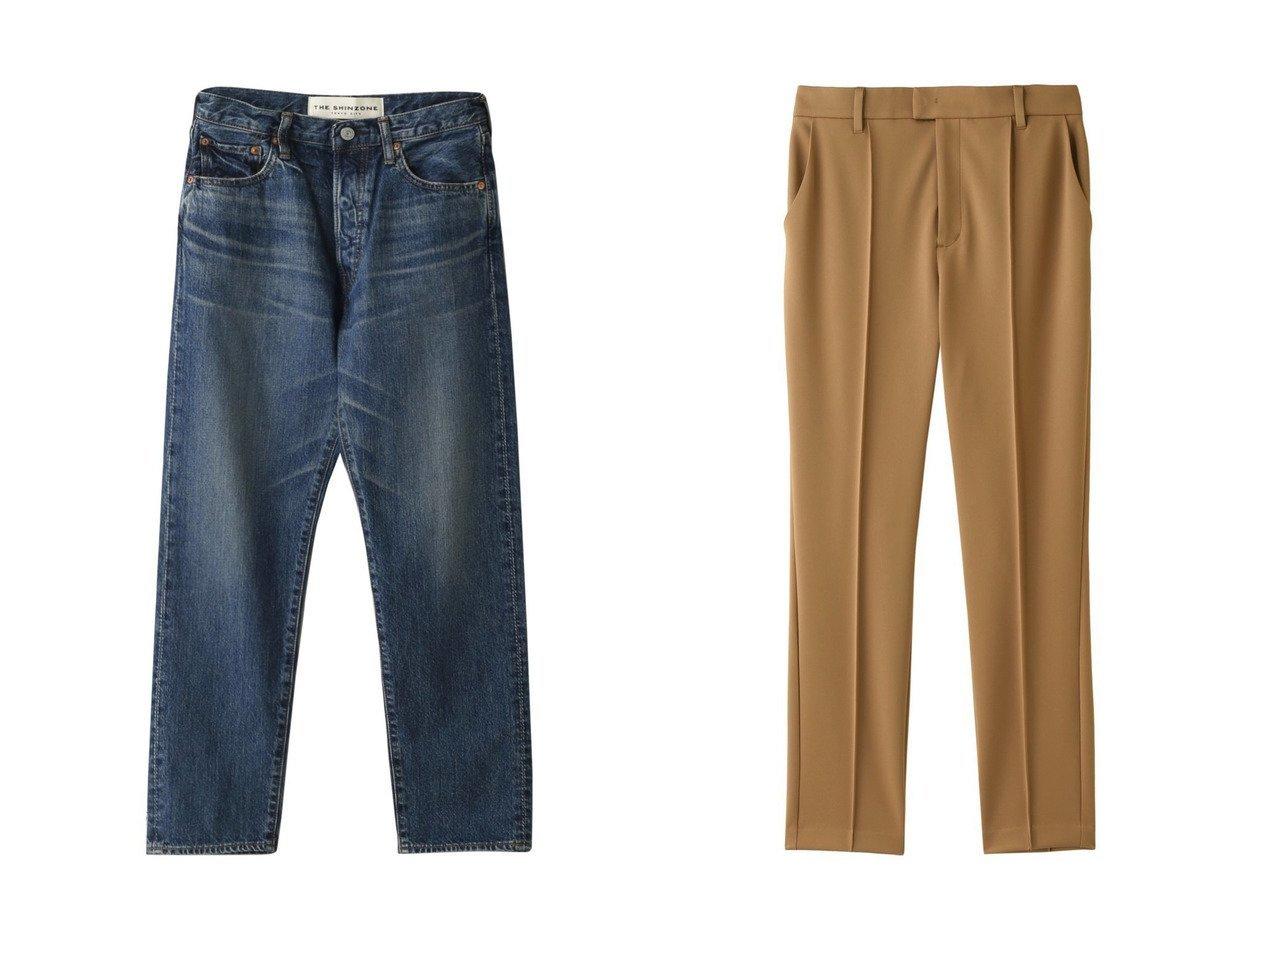 【Shinzone/シンゾーン】のジェネラルジーンズパンツ&【JET/ジェット】の【JET NEWYORK】ストレッチテーパードクロップドパンツ パンツのおすすめ!人気、レディースファッションの通販 おすすめで人気のファッション通販商品 インテリア・家具・キッズファッション・メンズファッション・レディースファッション・服の通販 founy(ファニー) https://founy.com/ ファッション Fashion レディース WOMEN パンツ Pants デニムパンツ Denim Pants ジーンズ テーパード デニム プレーン ベーシック シンプル ストレッチ |ID:crp329100000000052